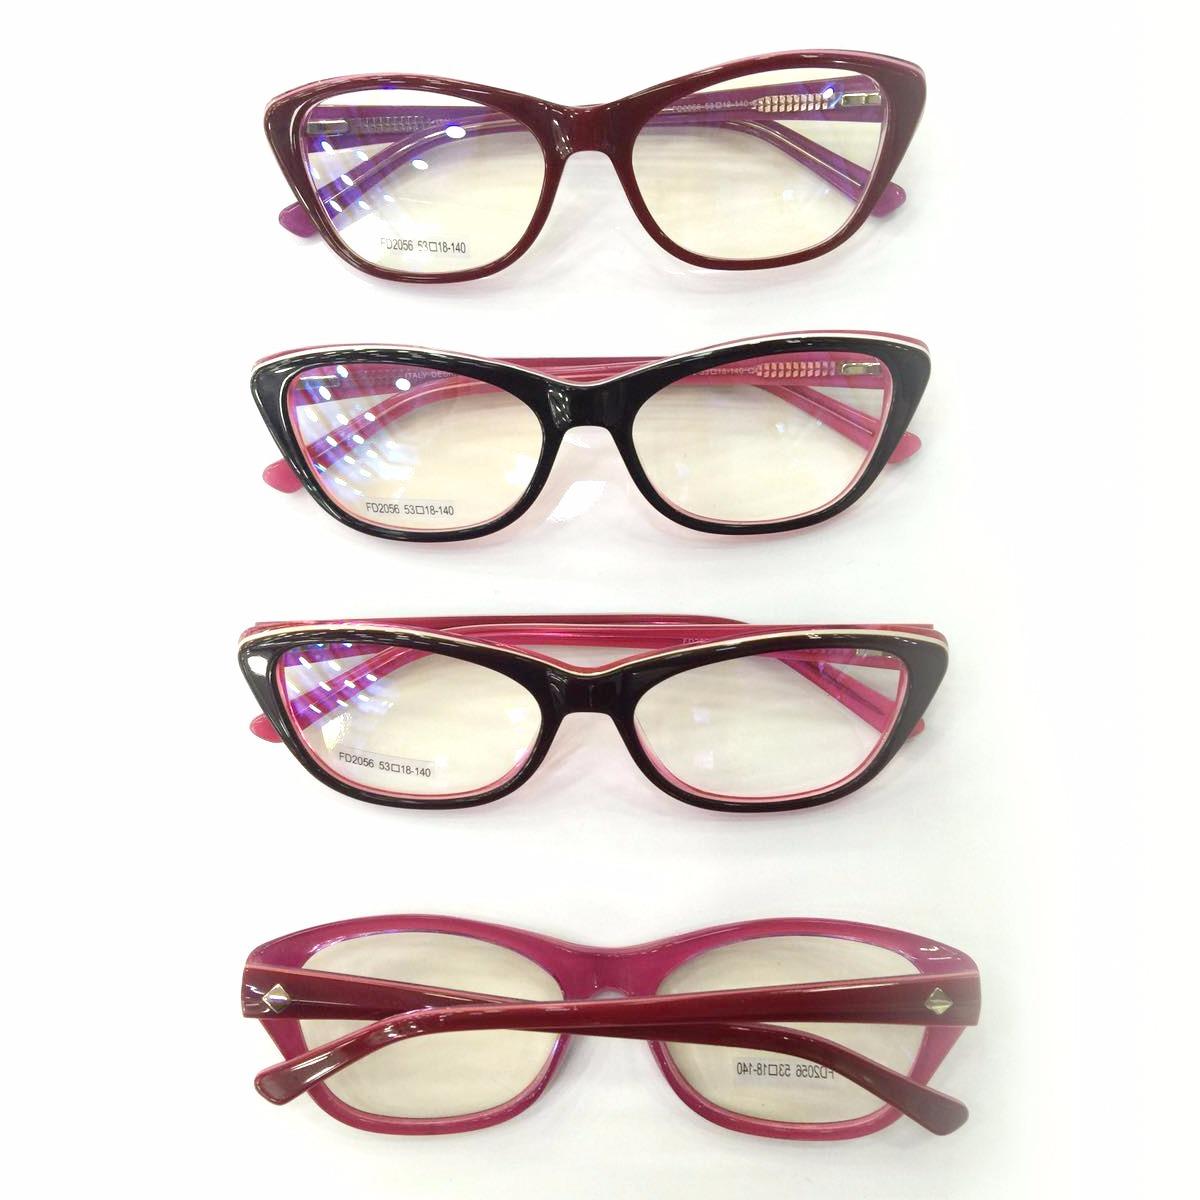 a085149c2 kit 12 armação óculos de grau acetato feminino/masc. atacado. Carregando  zoom.